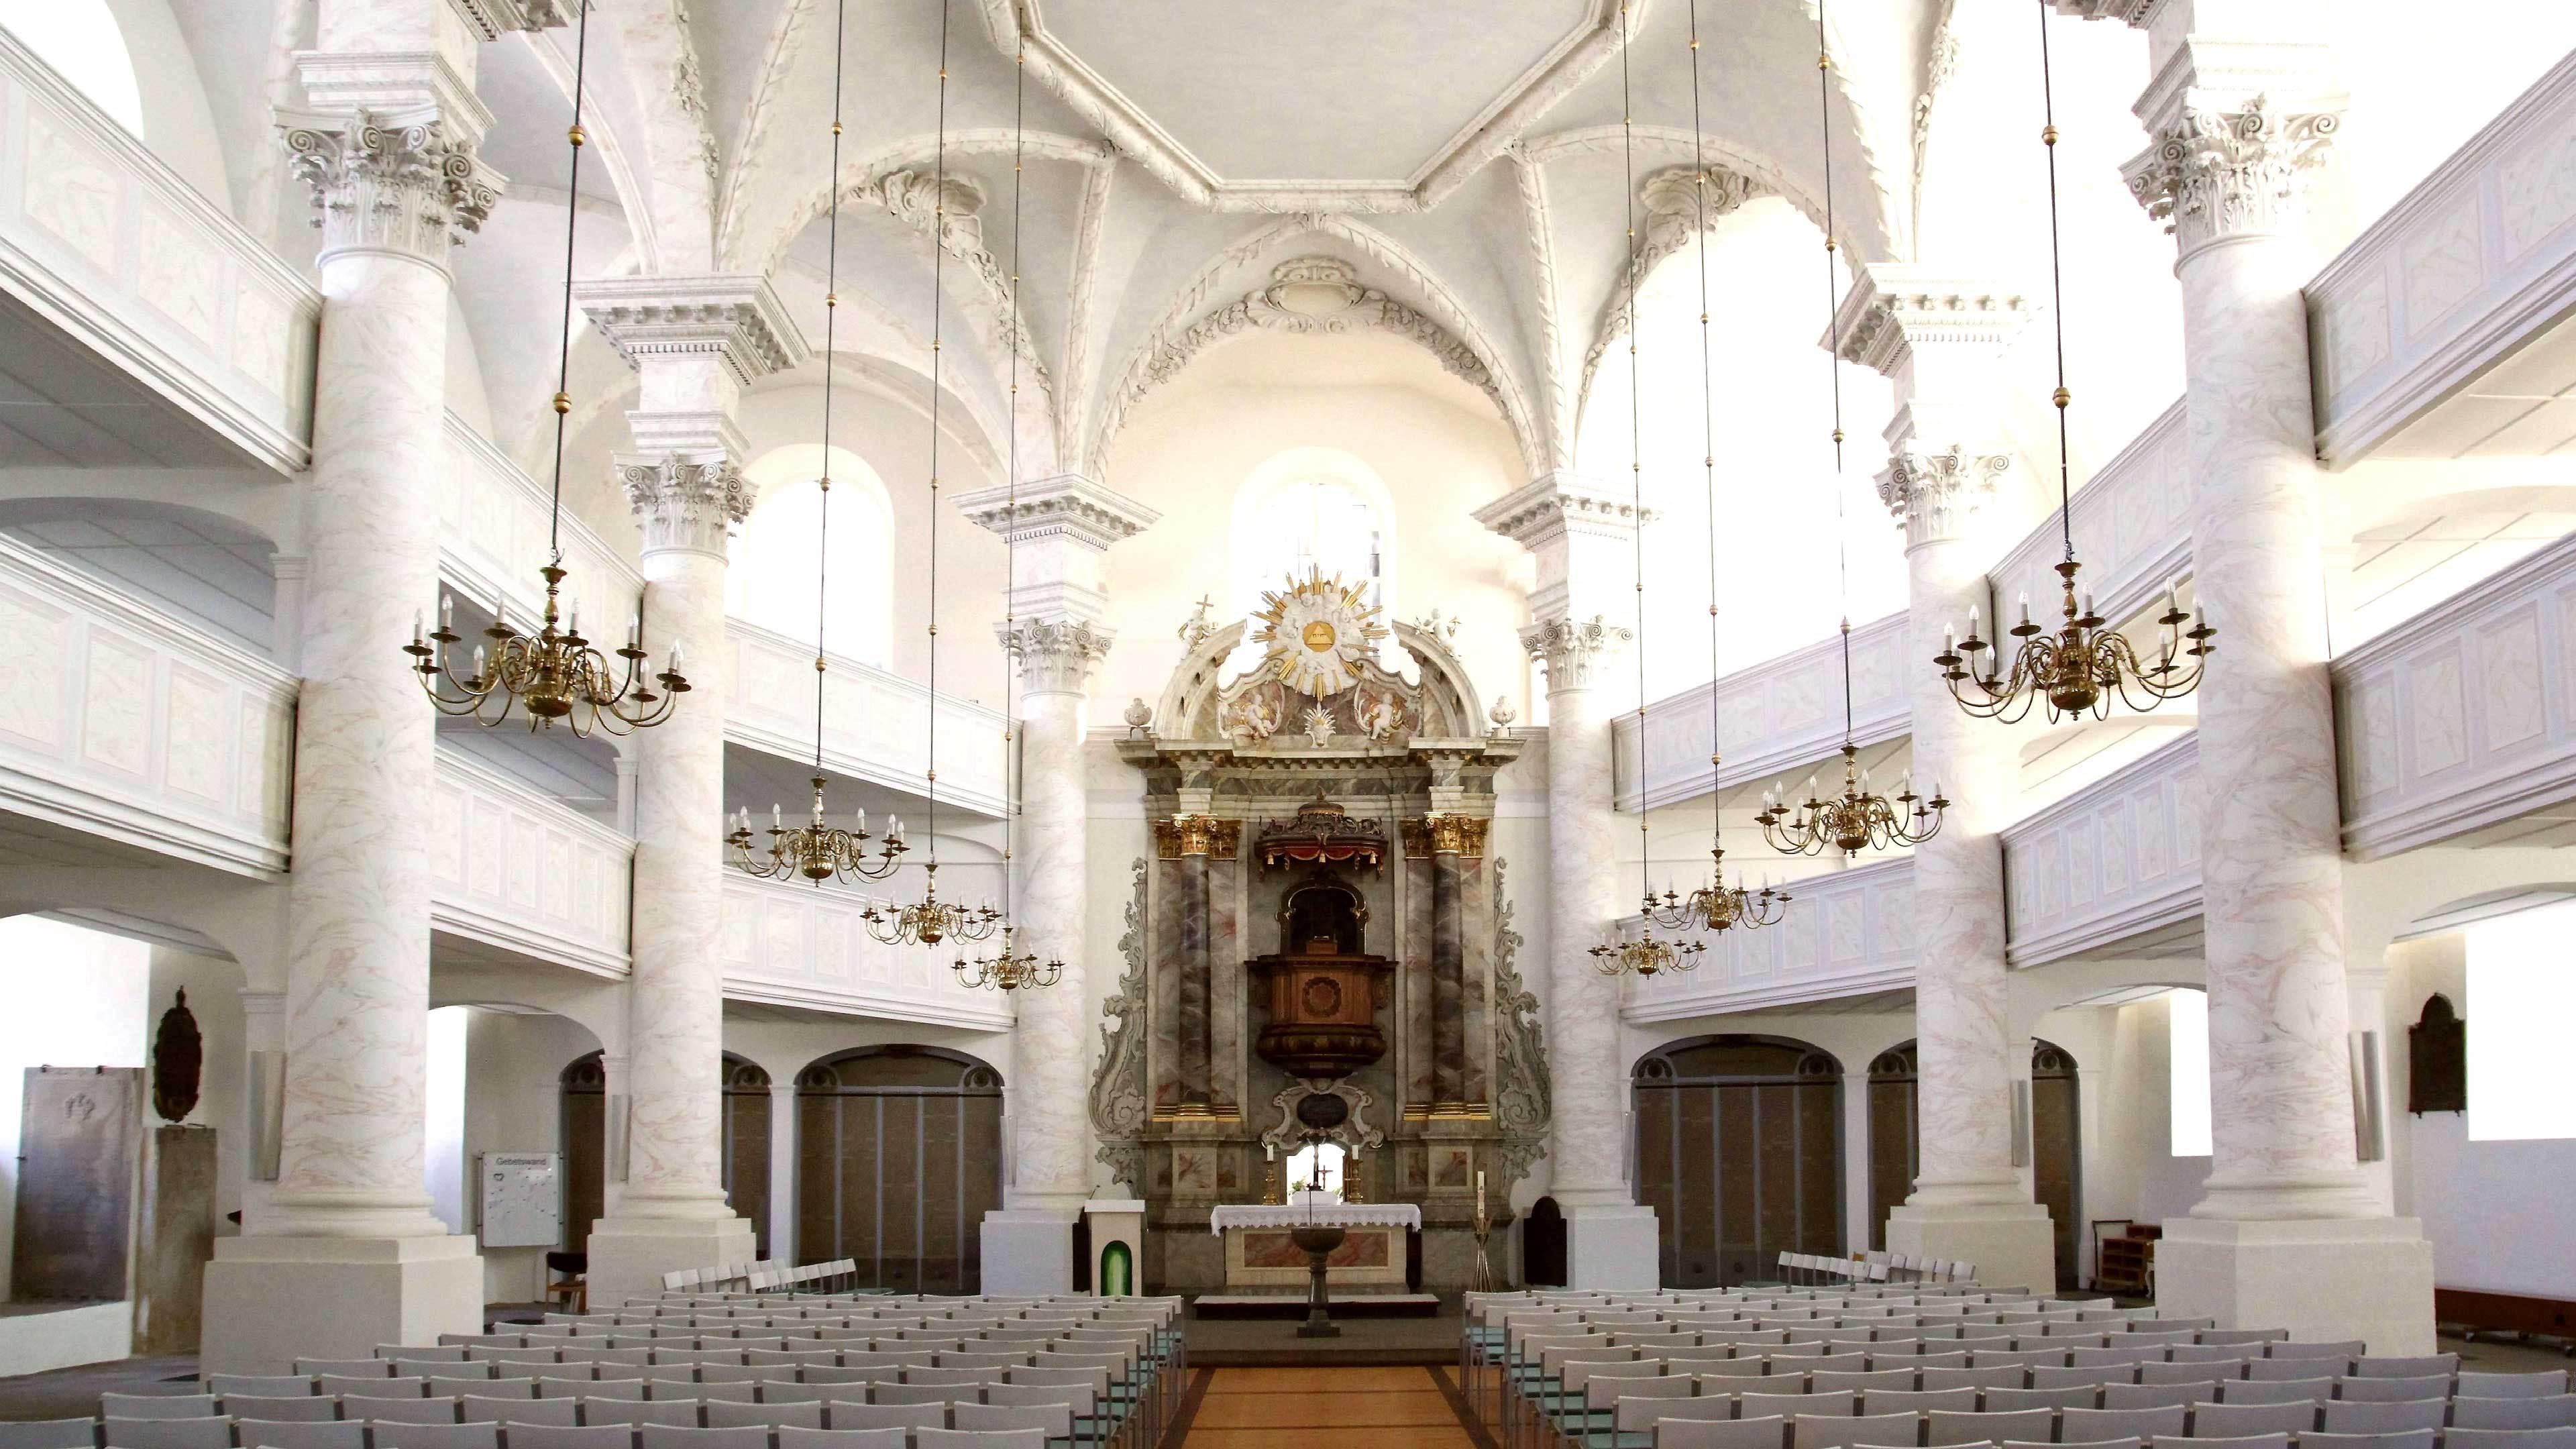 St. Trinitatiskirche von innen